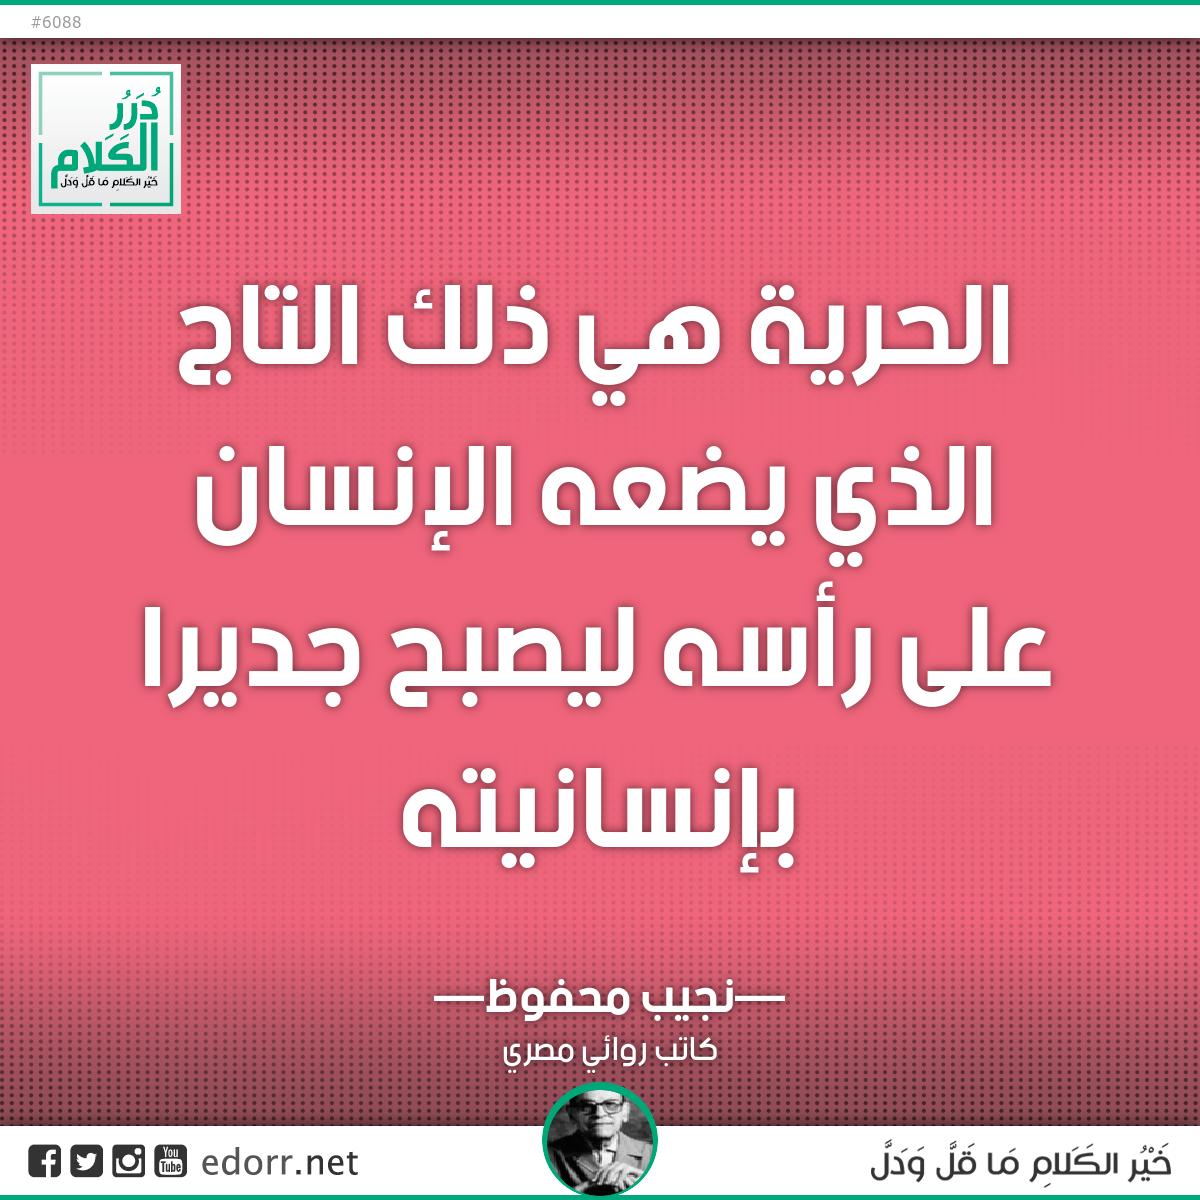 الحرية هي ذلك التاج الذي يضعه الإنسان على رأسه ليصبح جديرا بإنسانيته.